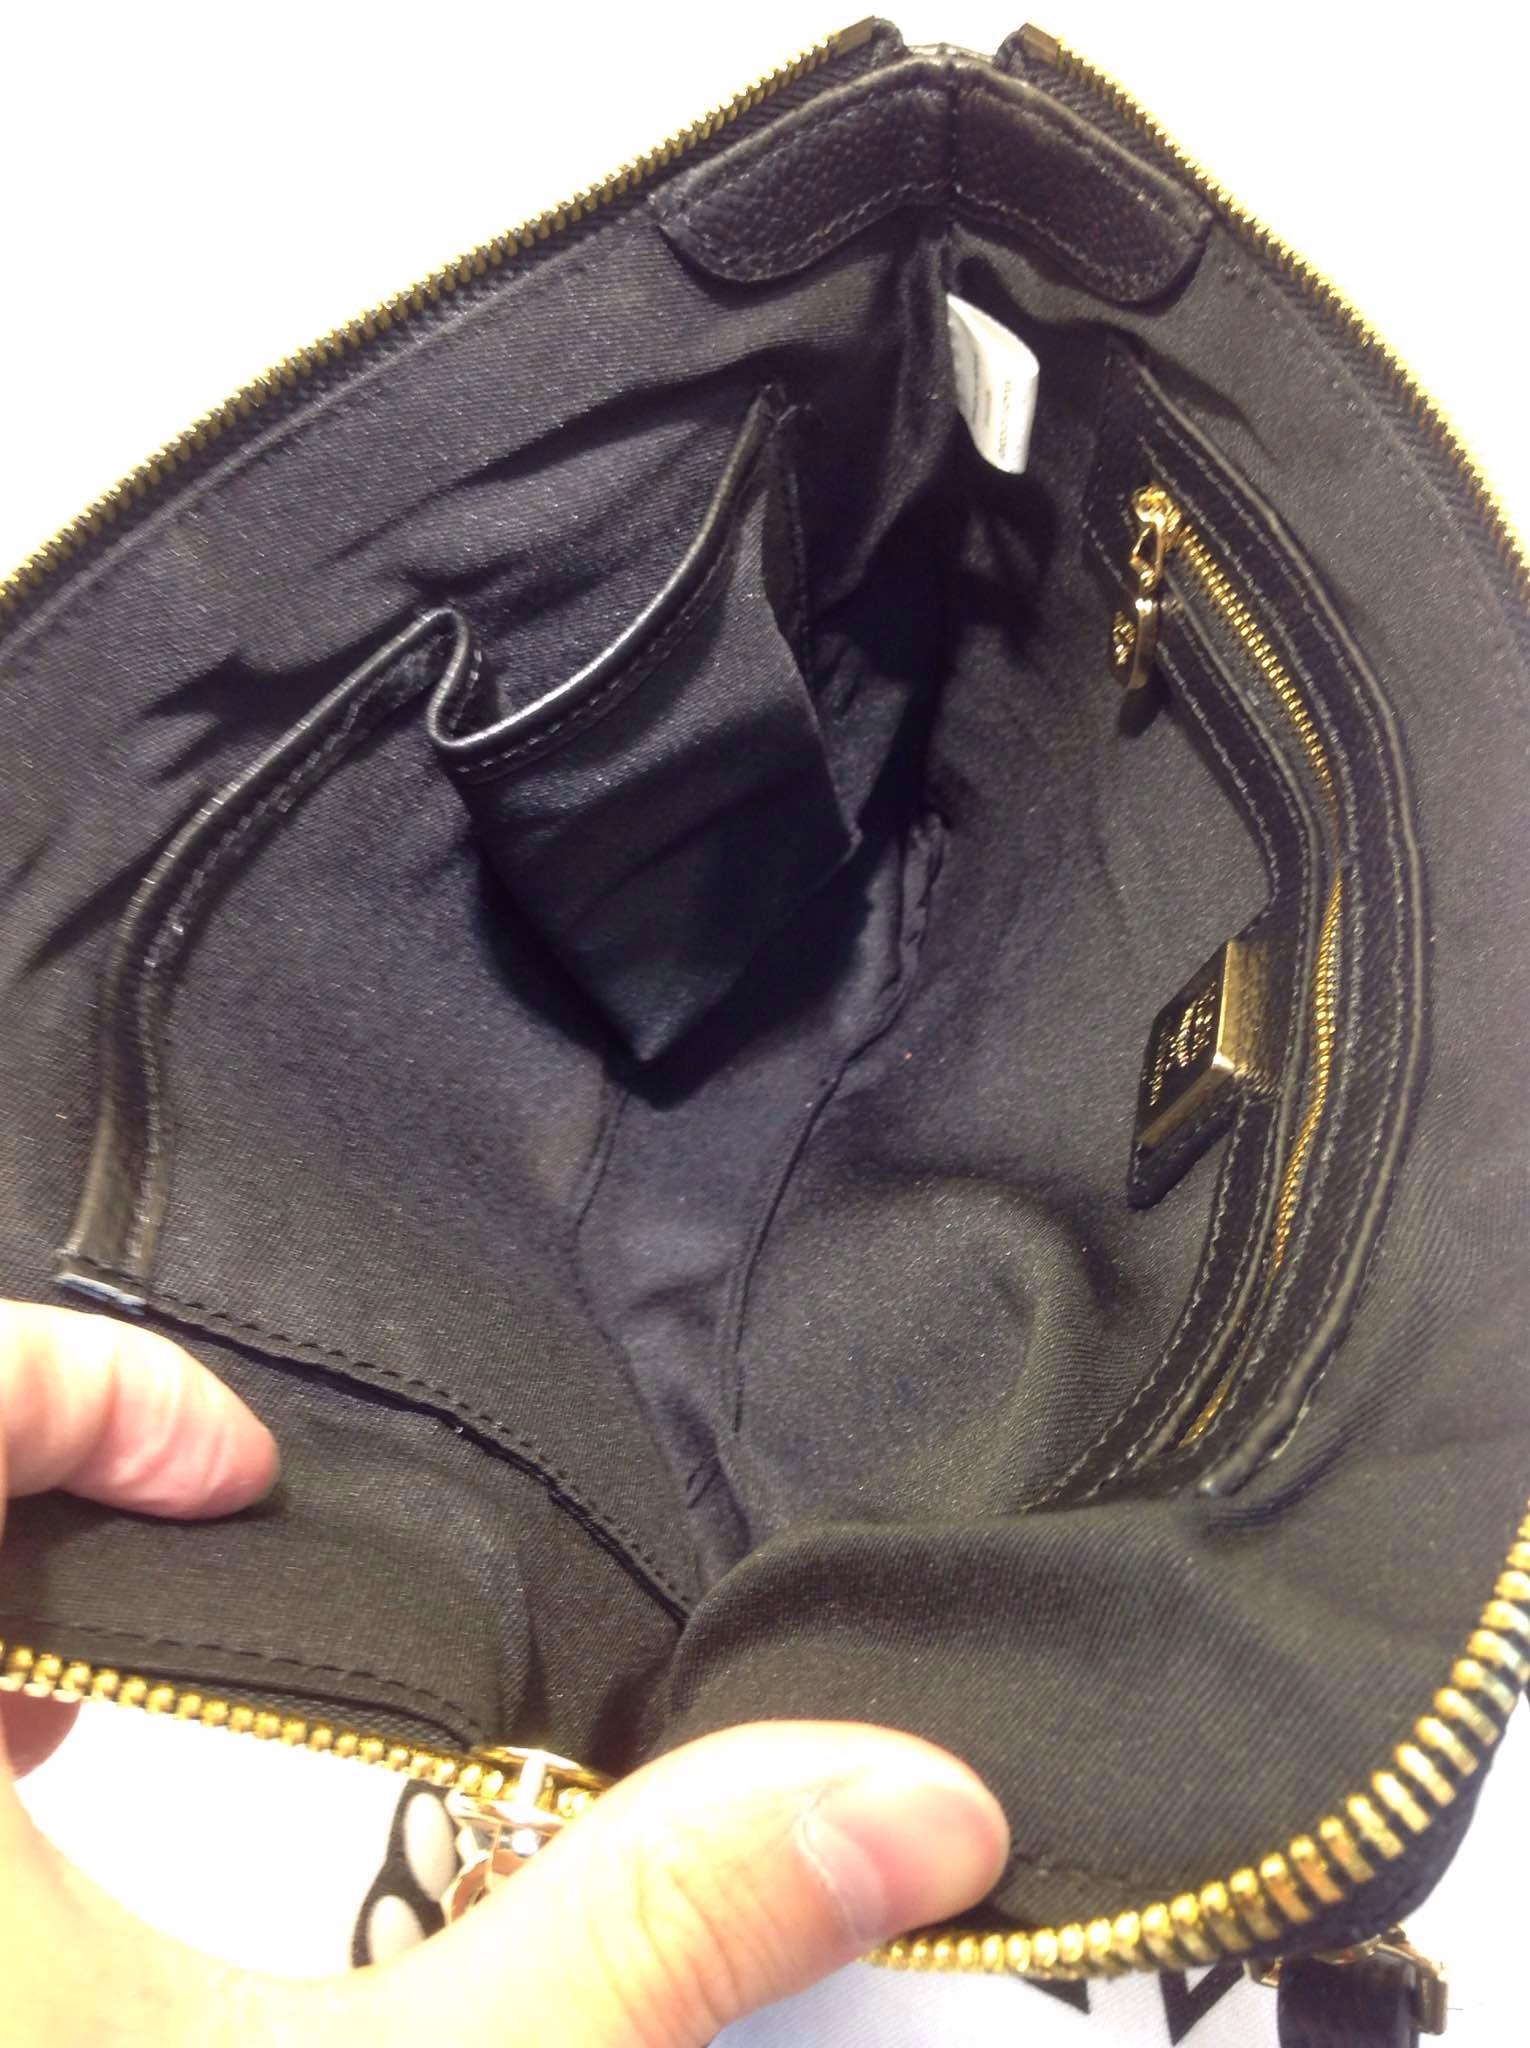 厂家直销 限量版mcm手包 铆钉手拿包 专柜品质